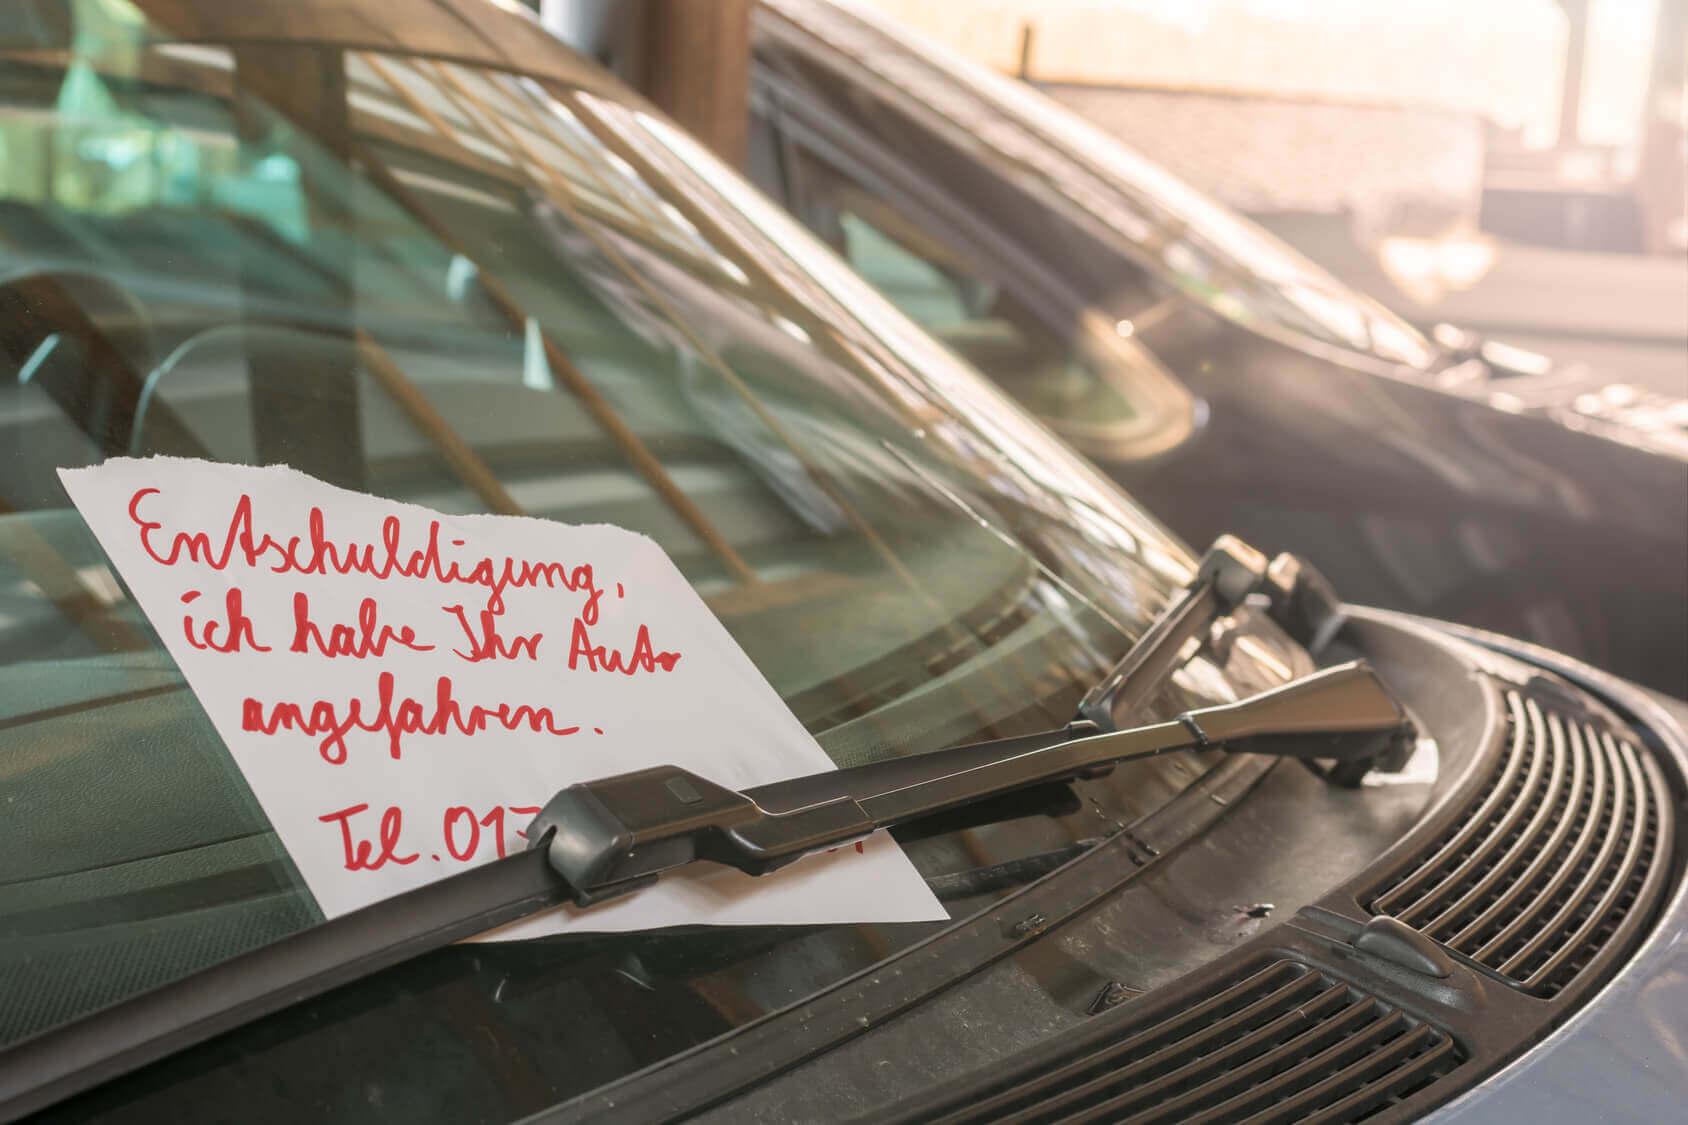 Bild zu Verkehrsstrafrecht - Unerlaubtes Entfernen vom Unfallort